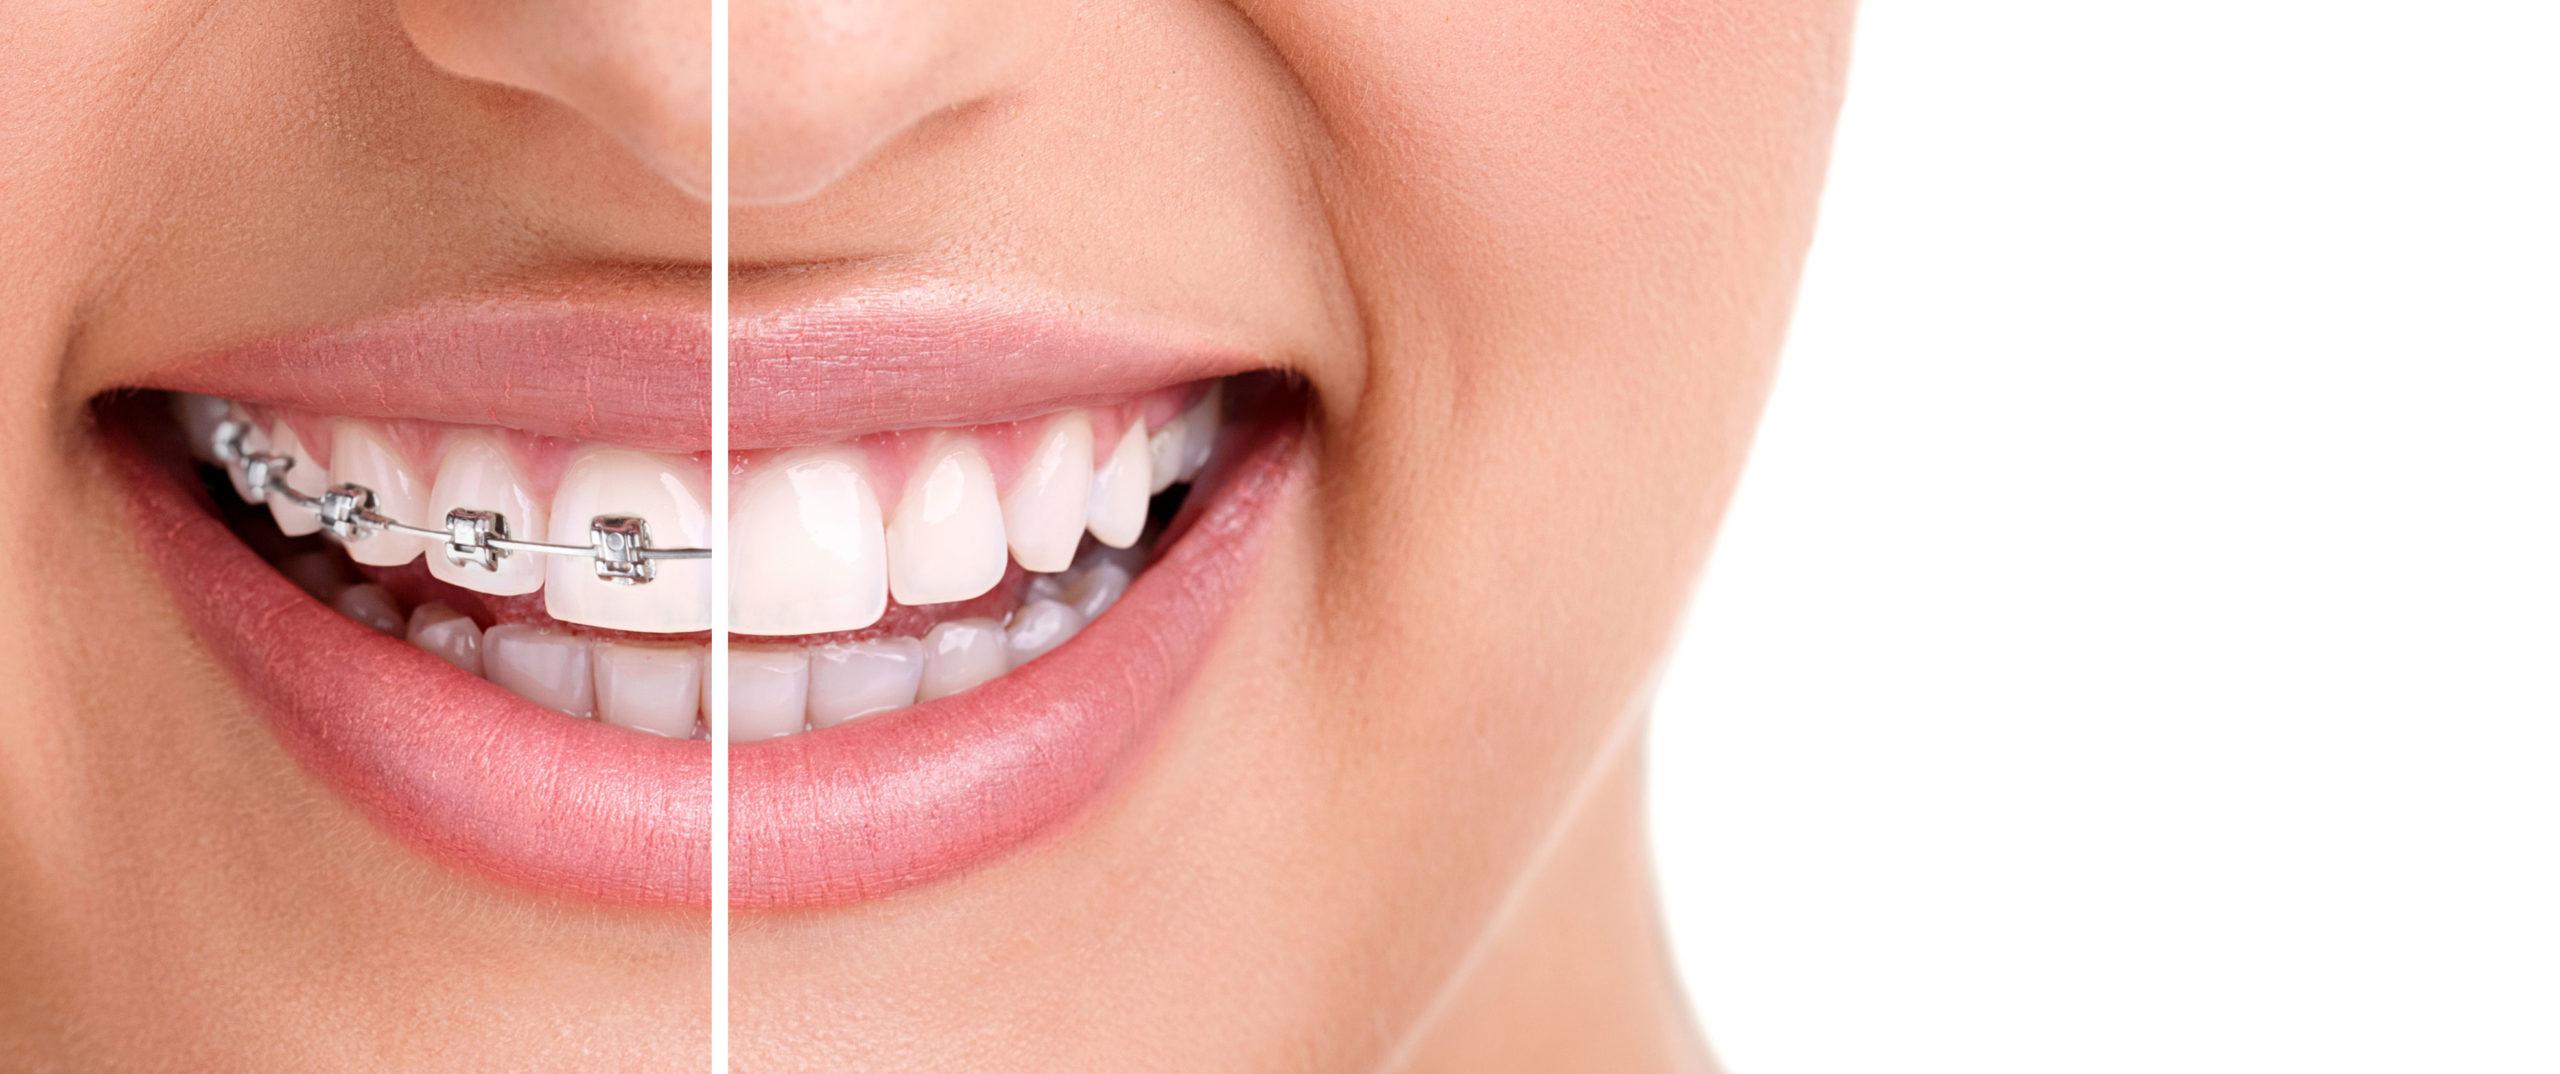 ortodonzia invisibile: sorriso con apparecchio